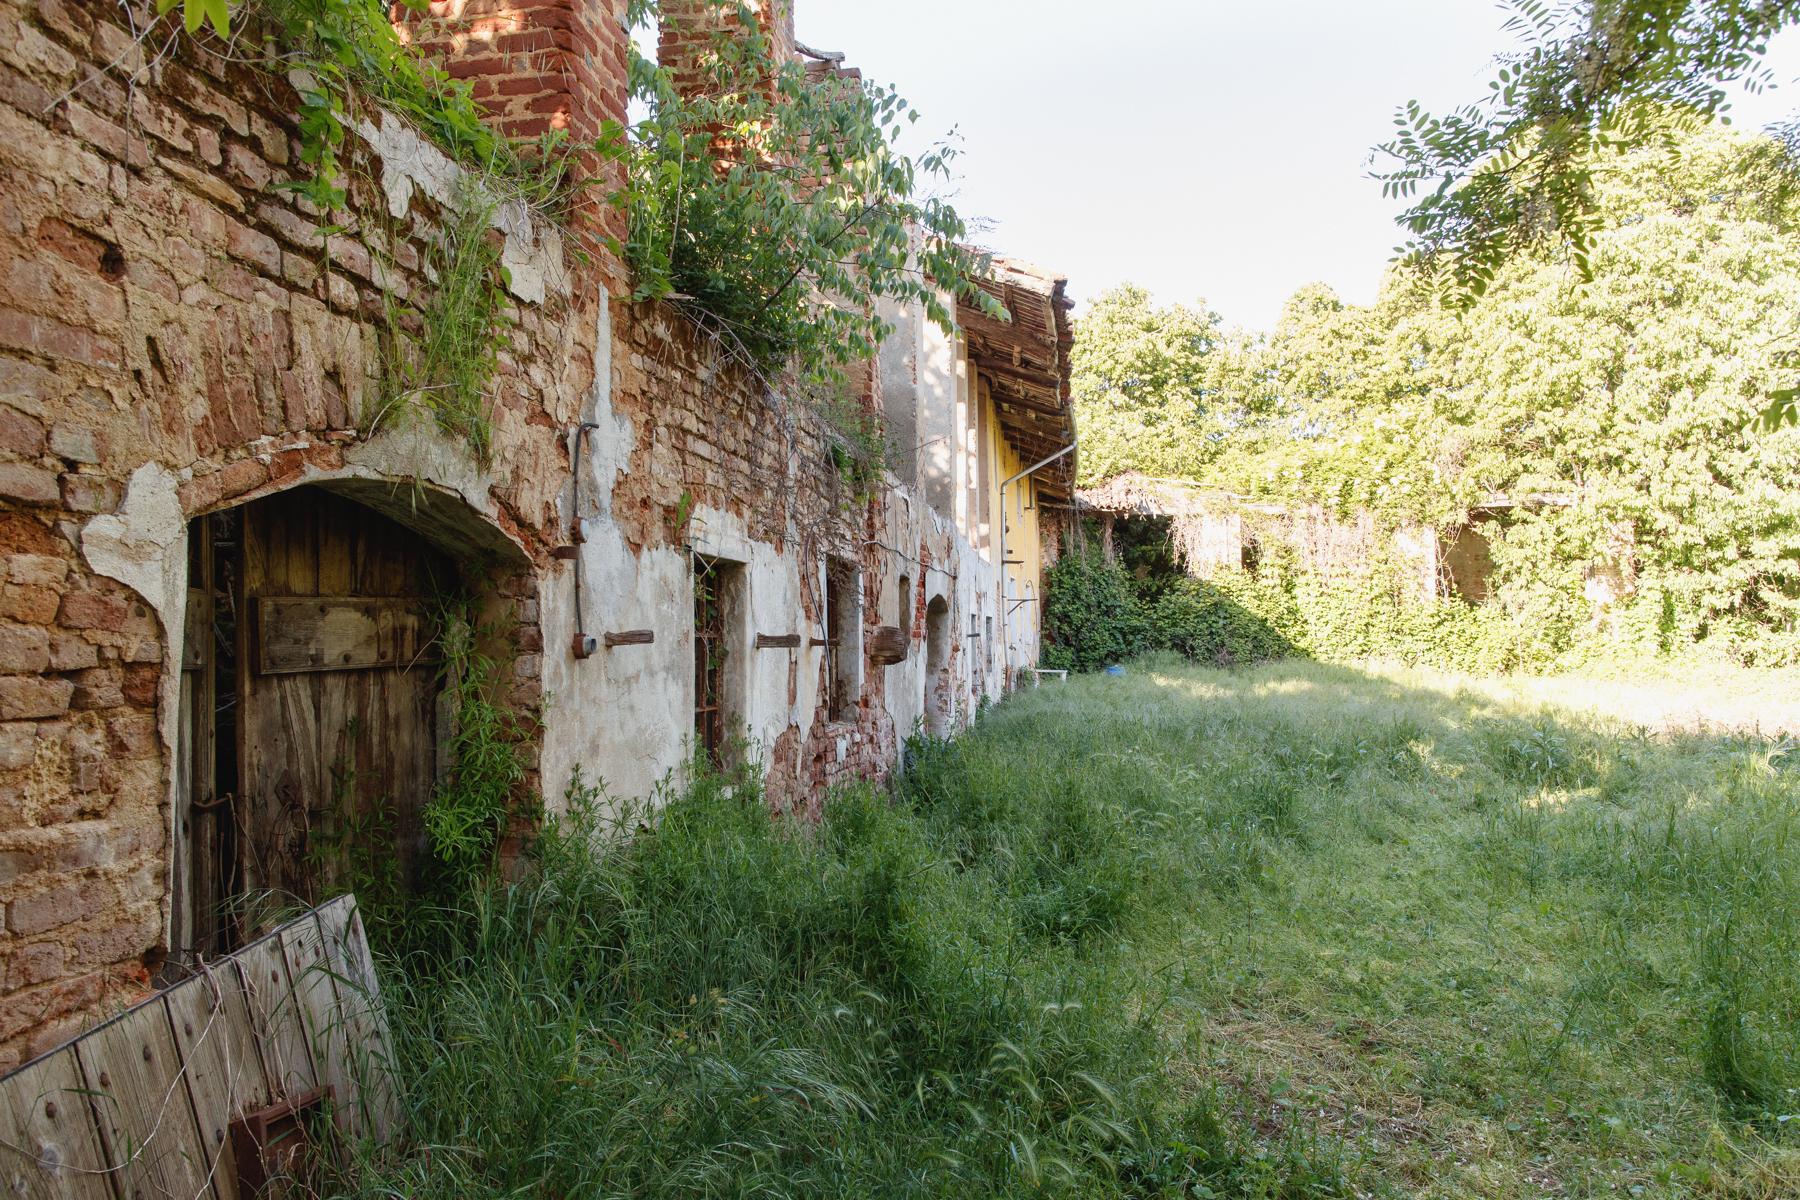 Rustico in Vendita a Chieri: 5 locali, 1500 mq - Foto 3